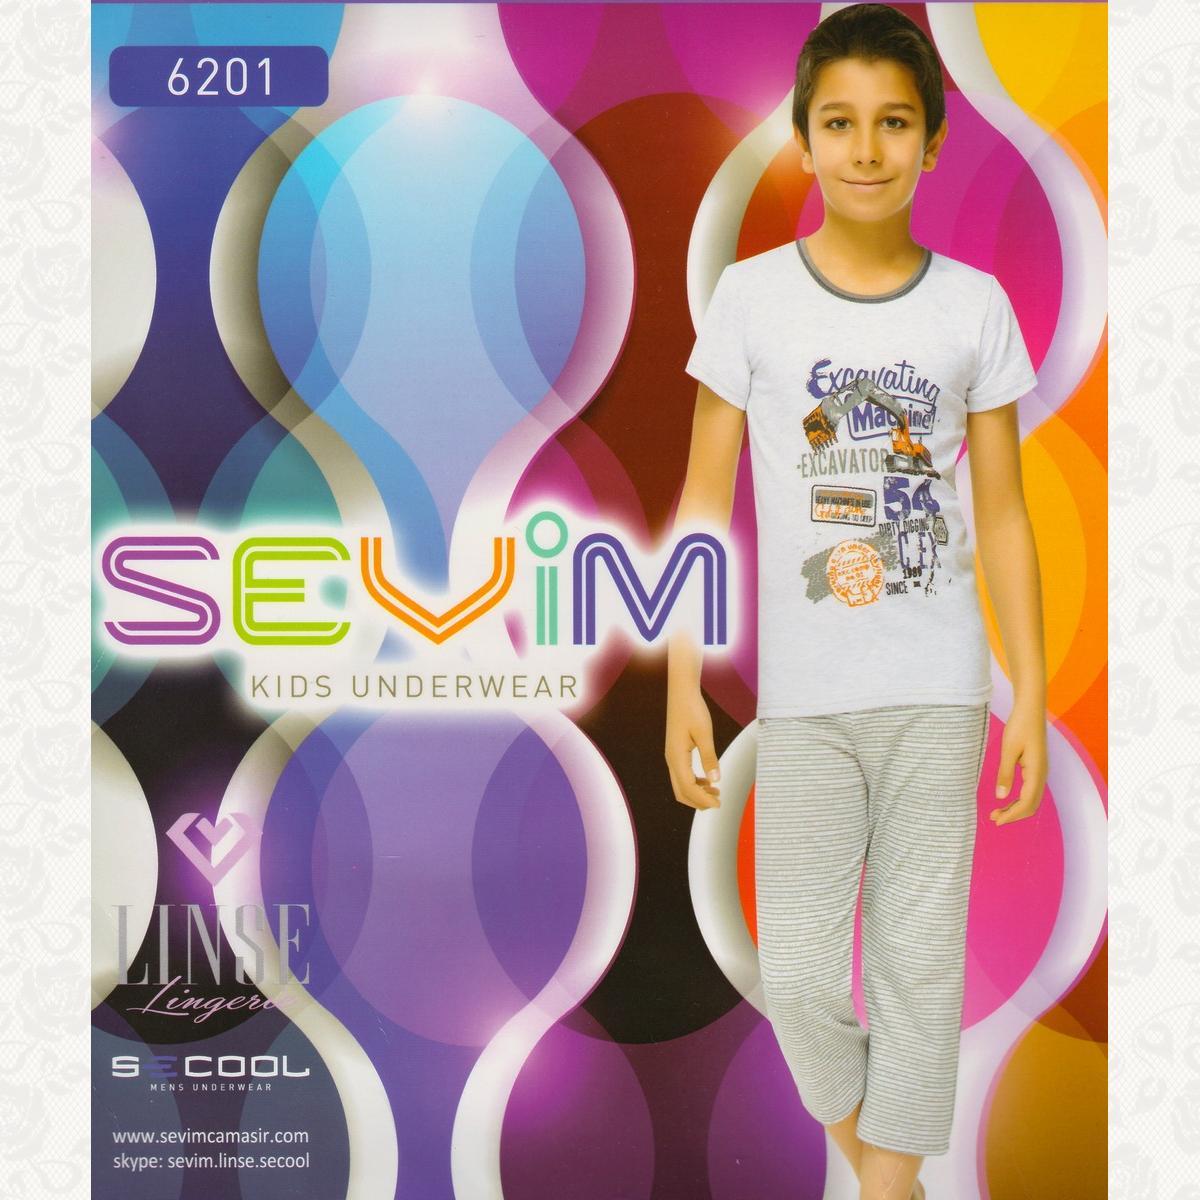 Пижама для мальчиков, цвет серый с фото, 2 шт.